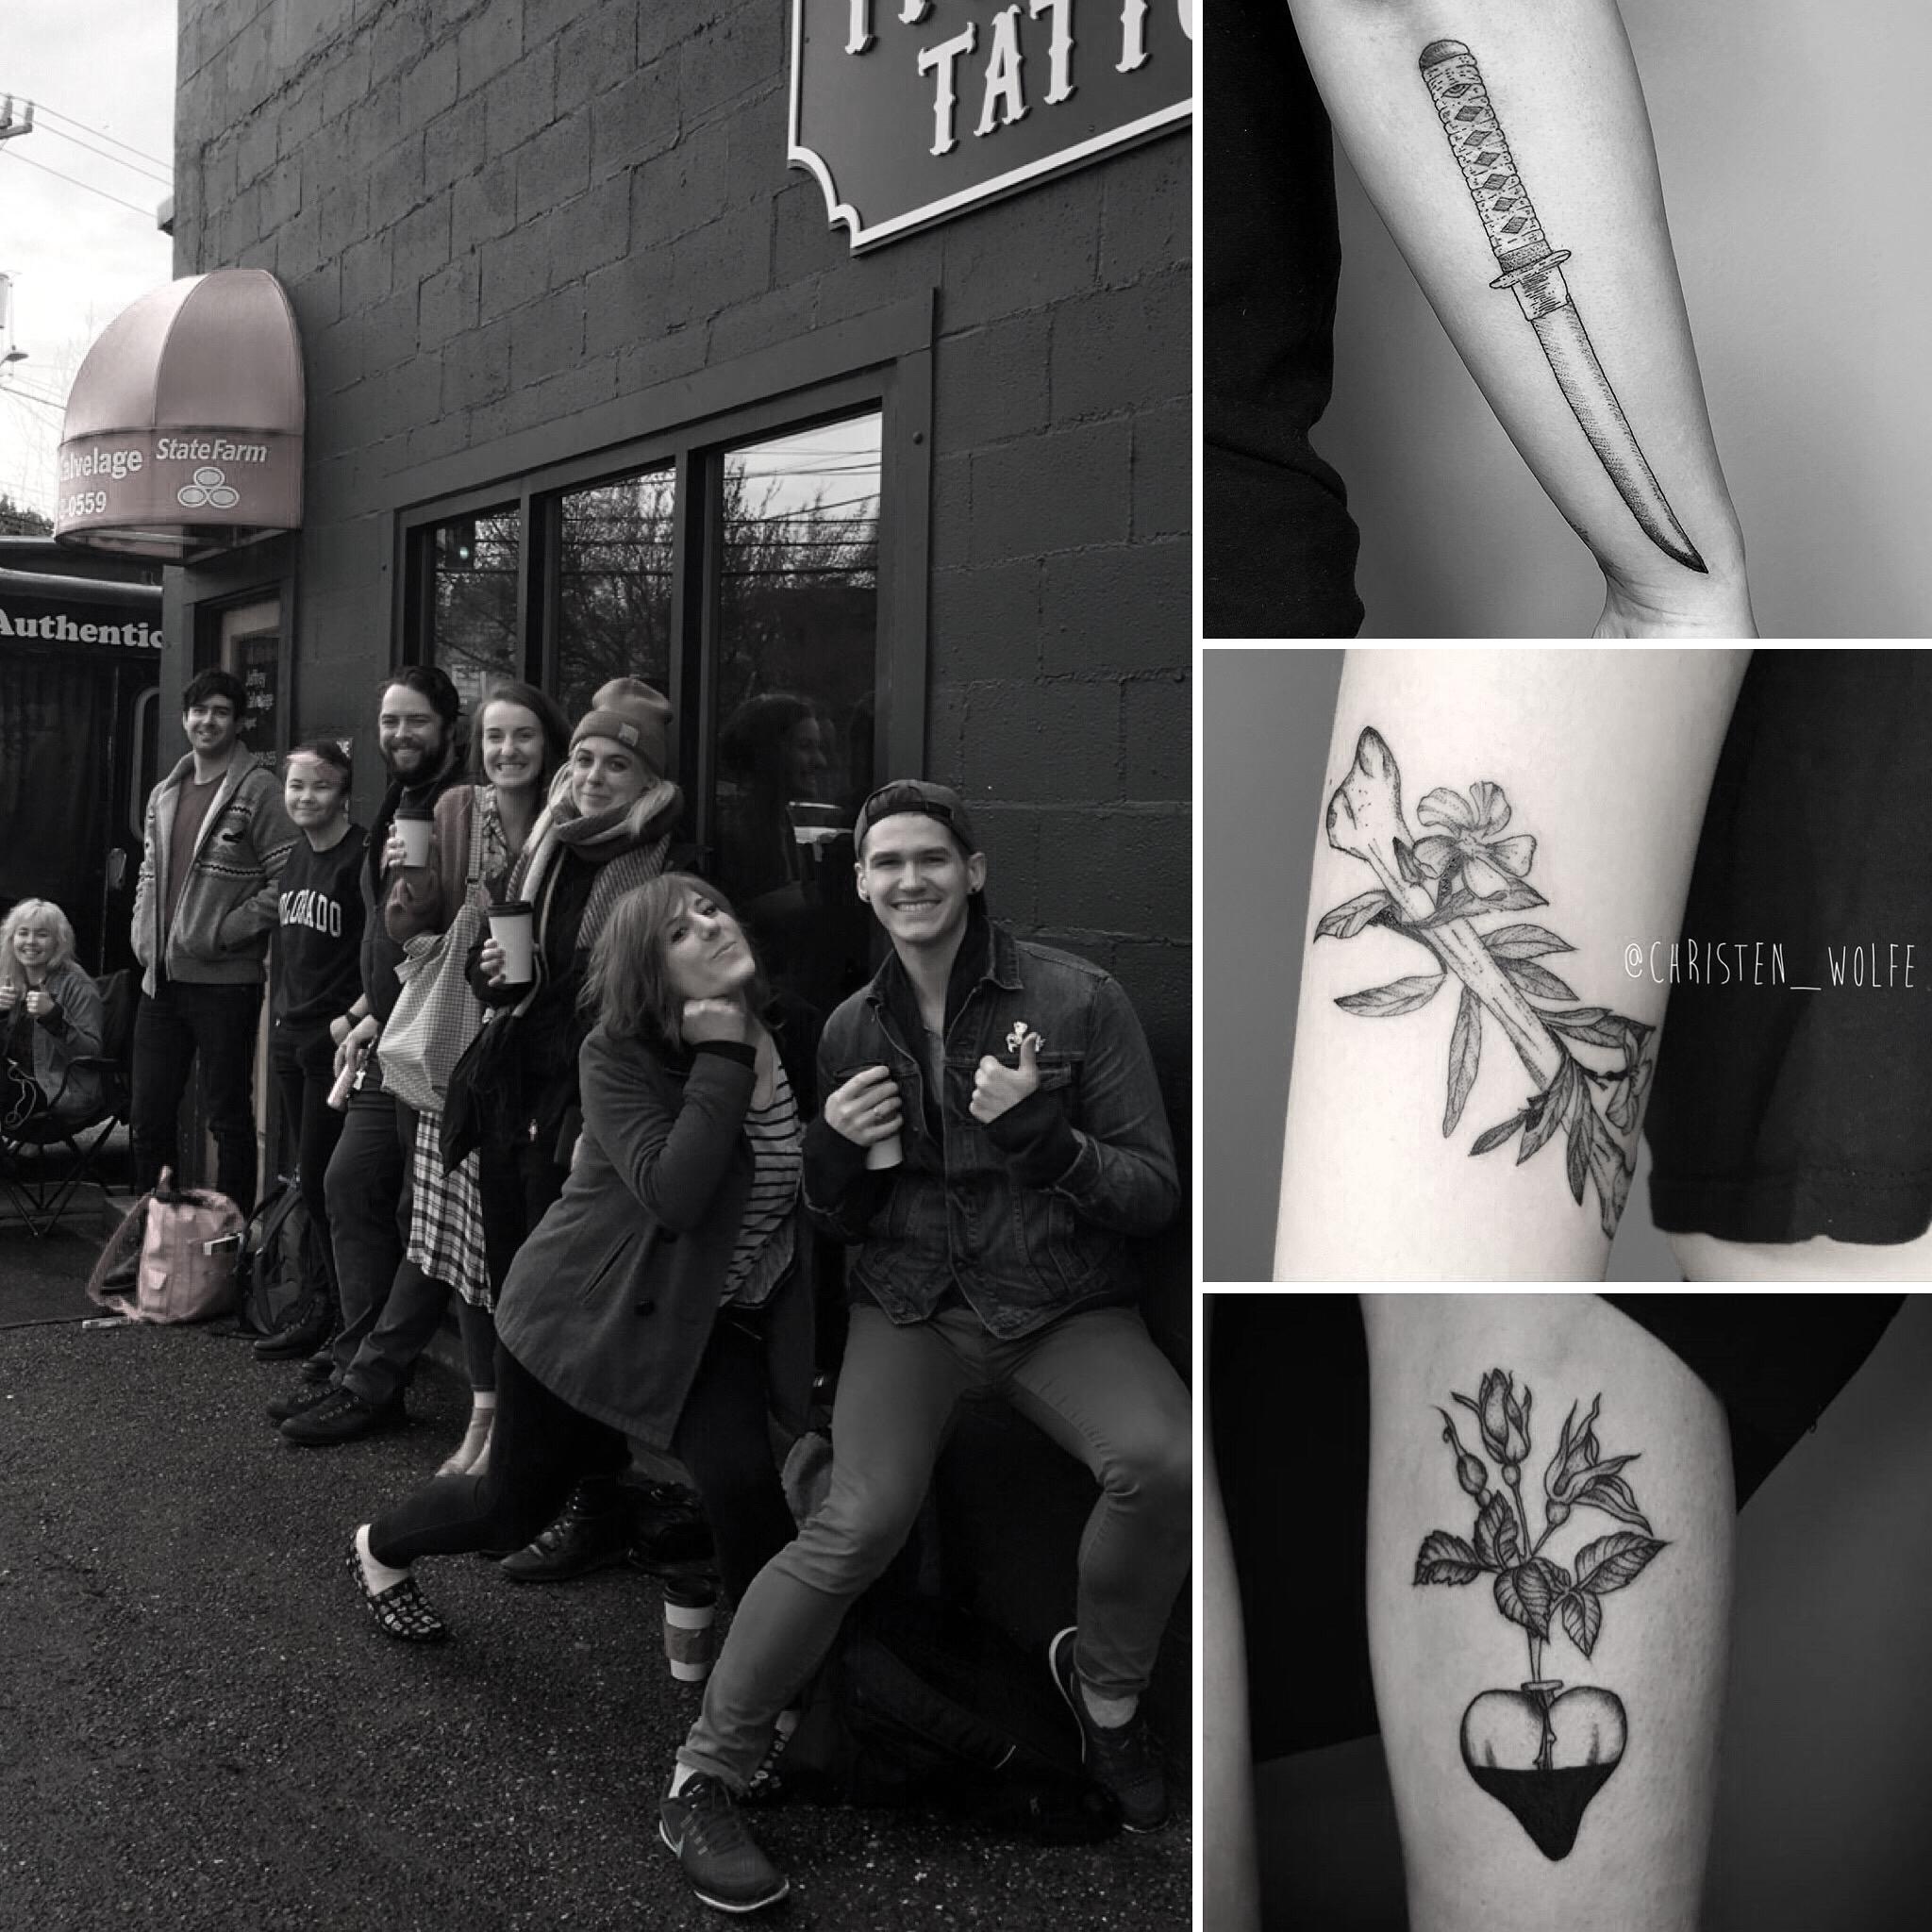 Tattoos by Florian Hirnack (Berlin), Christen Wolfe and Rita von Lehe